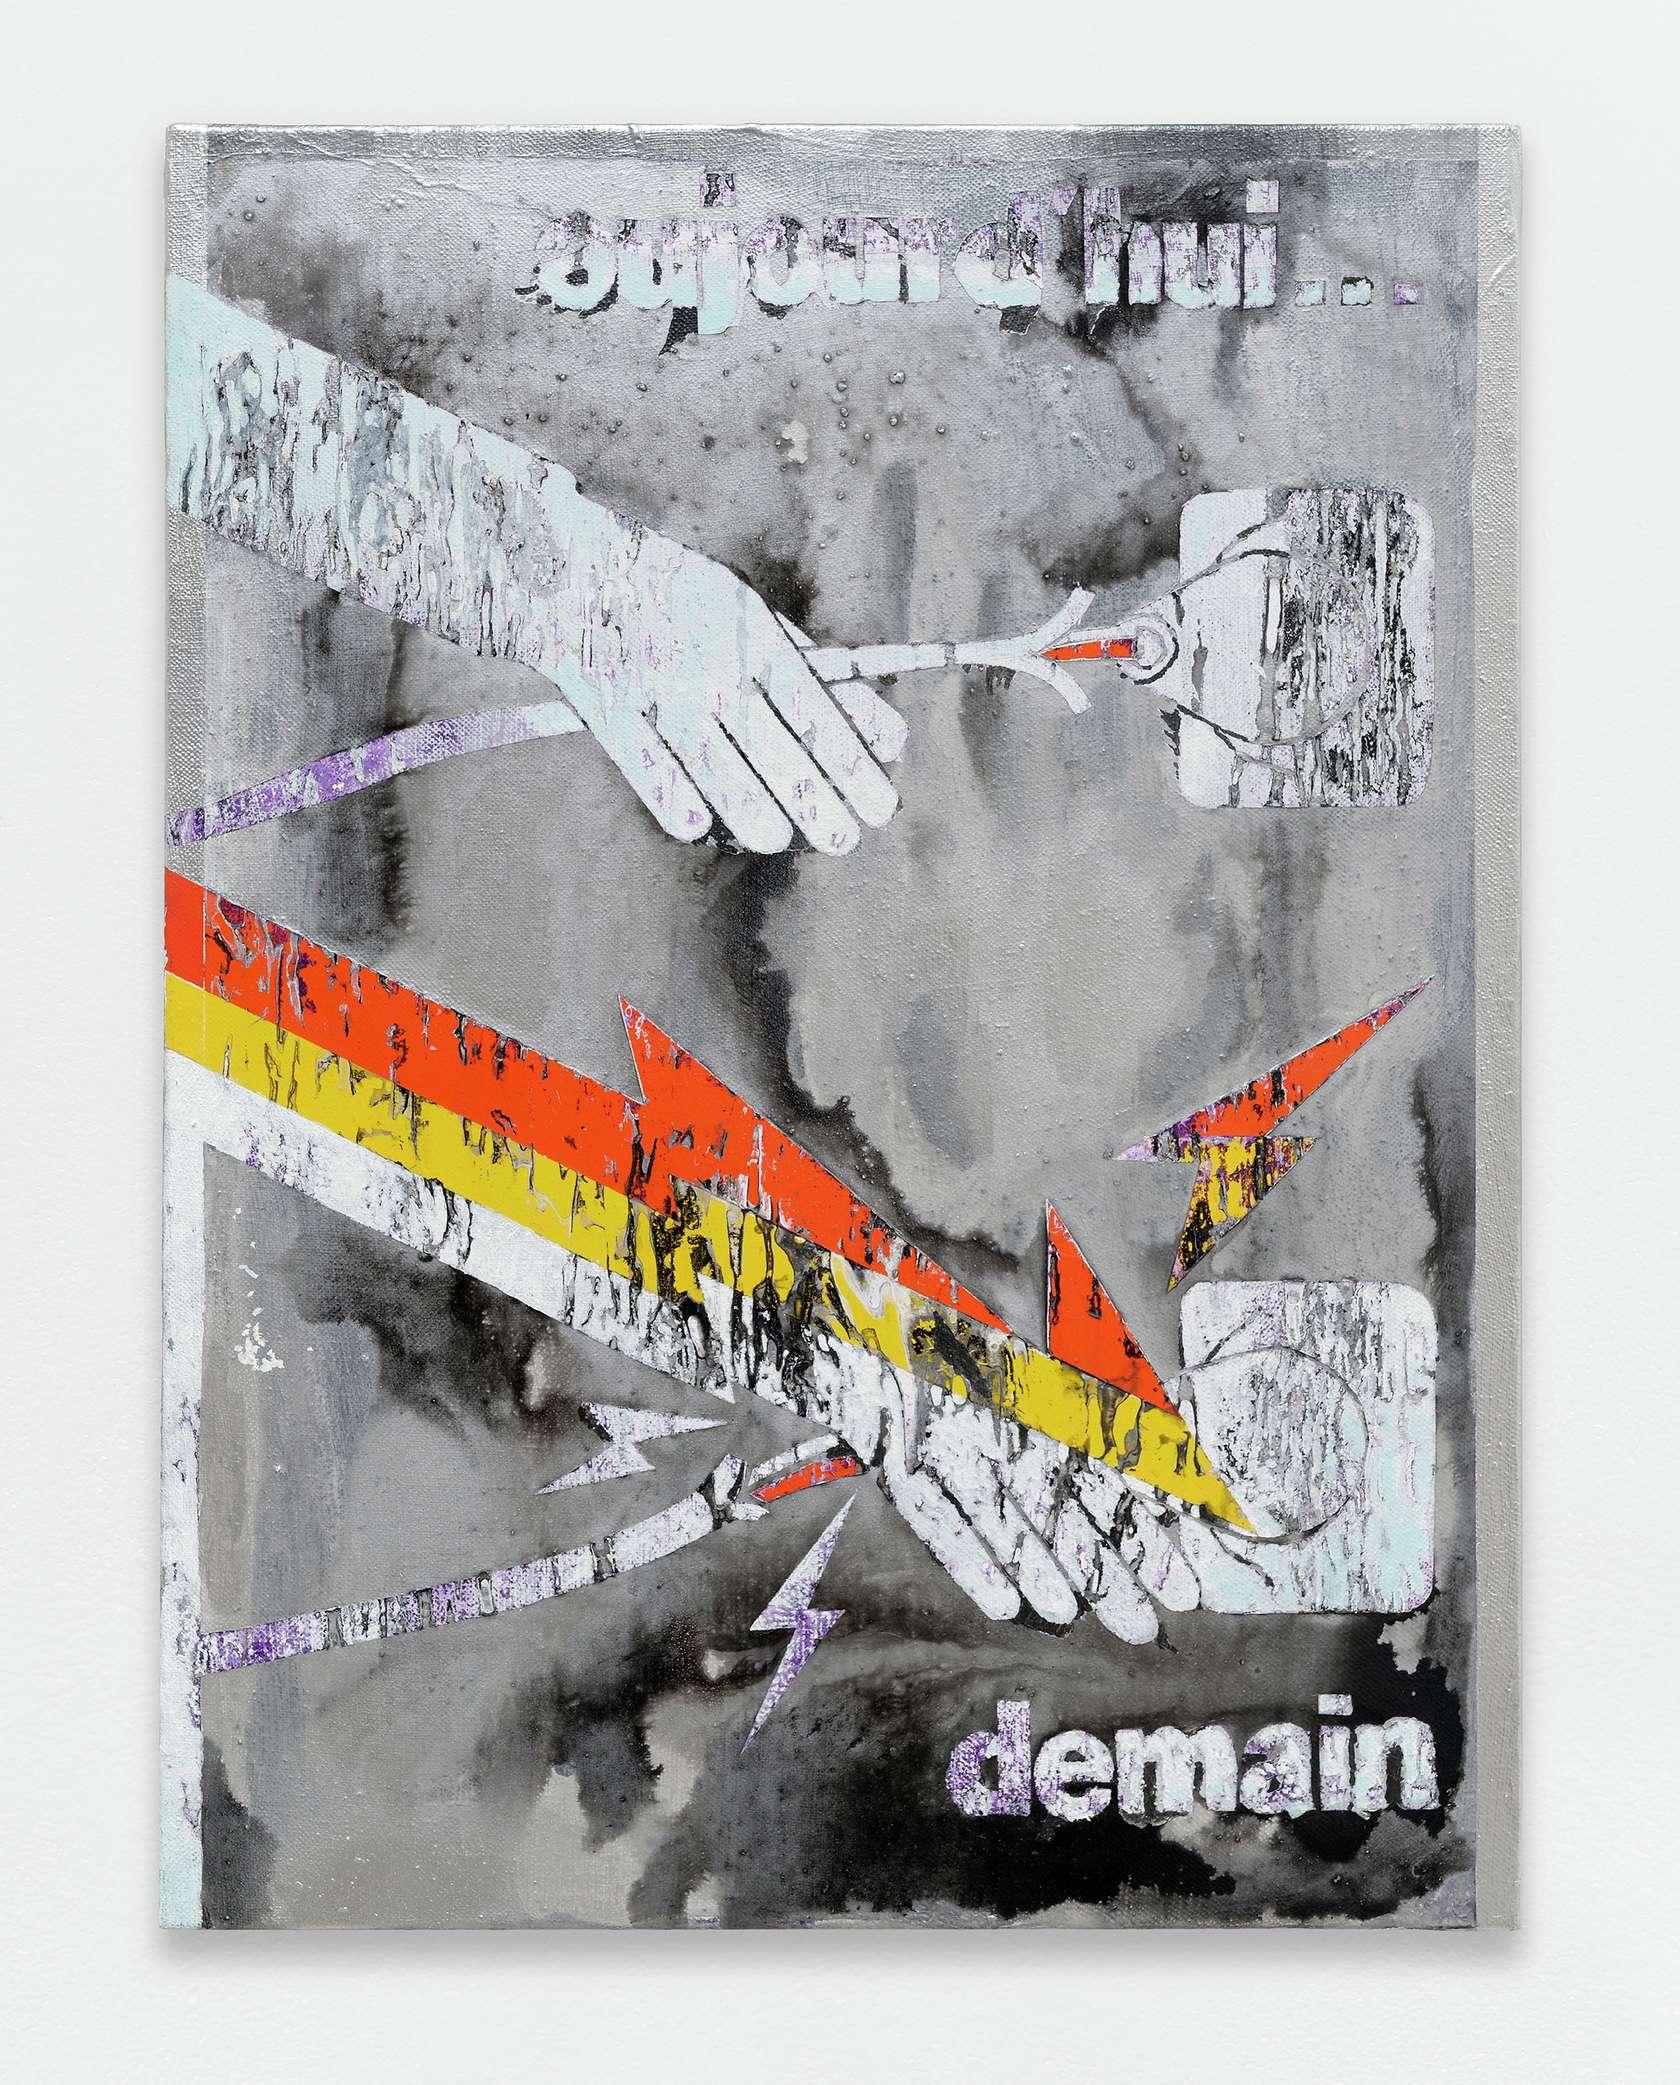 Laurent Proux, Aujourd'hui... demain, 2017 Huile sur toile61.5 x 46cm / 24 2/8 x 18 1/8inches